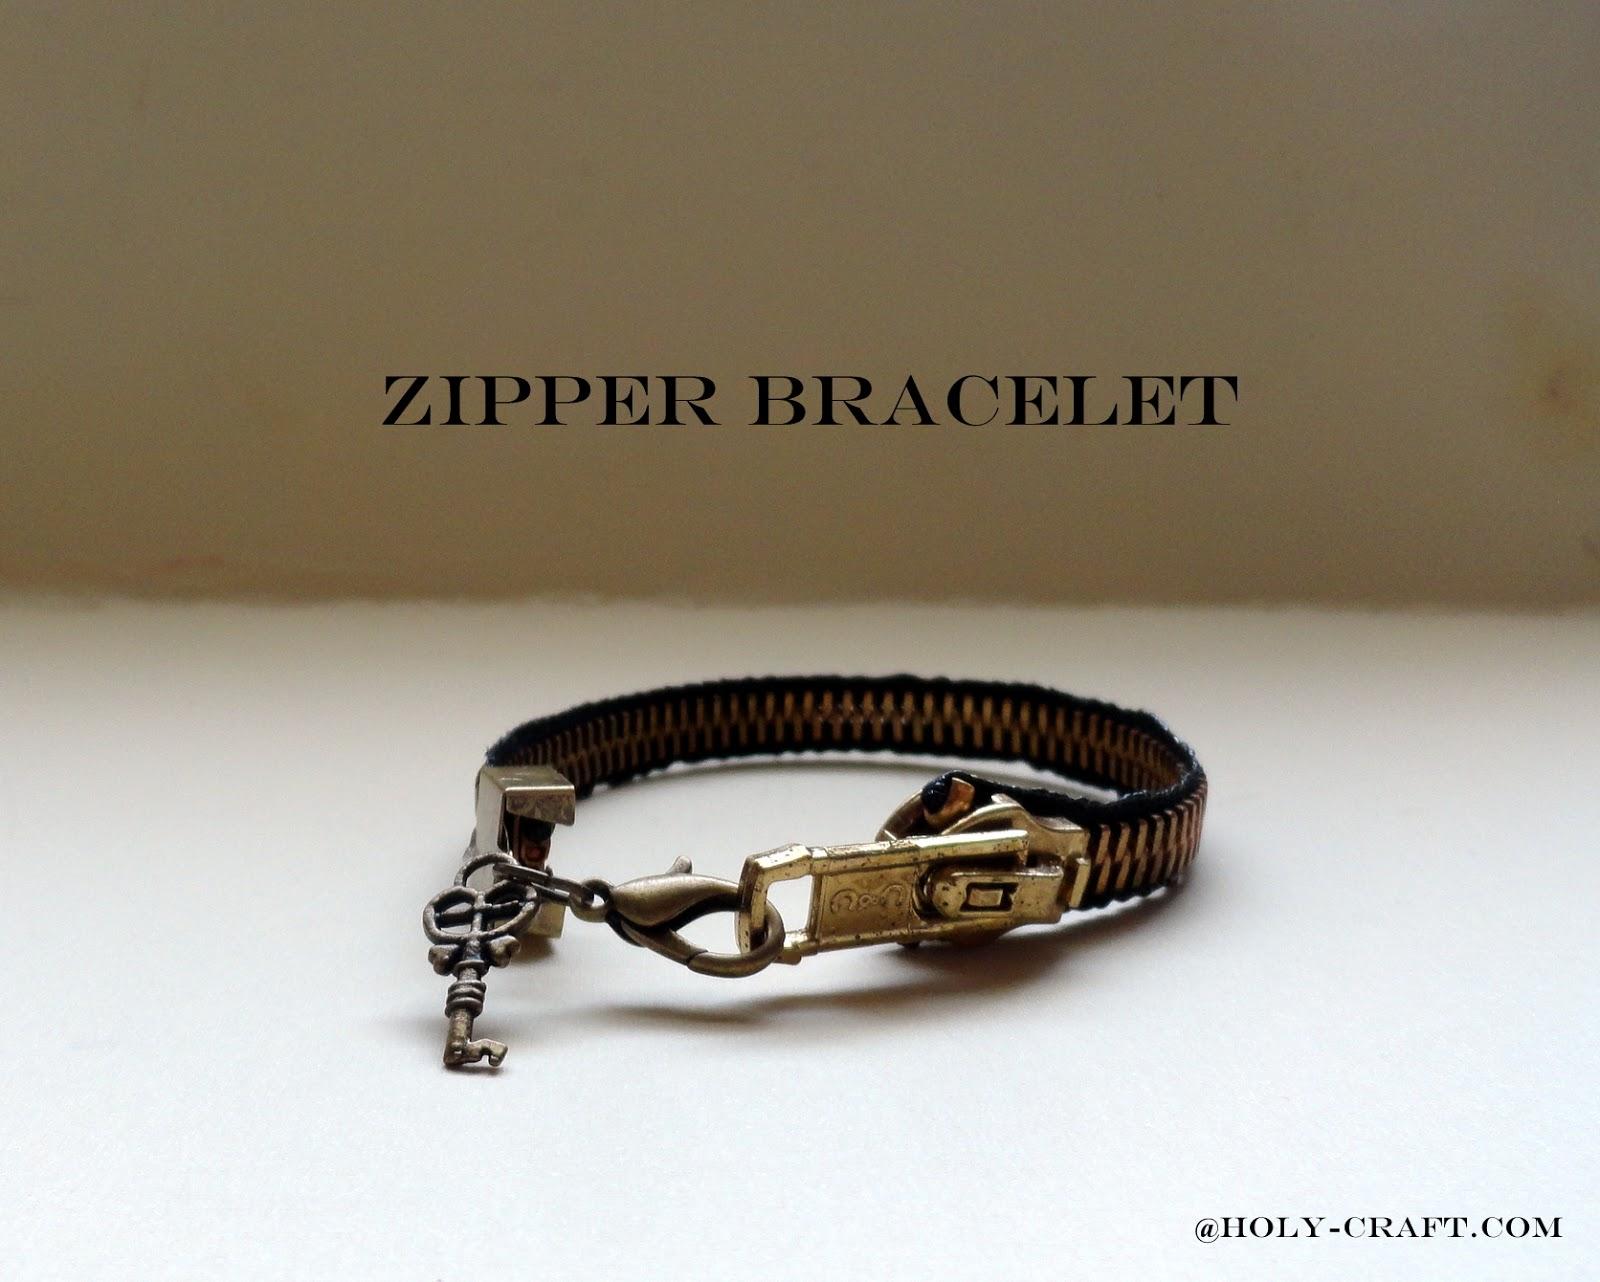 http://2.bp.blogspot.com/-WEPD2vDlDeU/U1WWagB-sYI/AAAAAAAAYqM/EzU9PW8eGX4/s1600/zipper+final.jpg